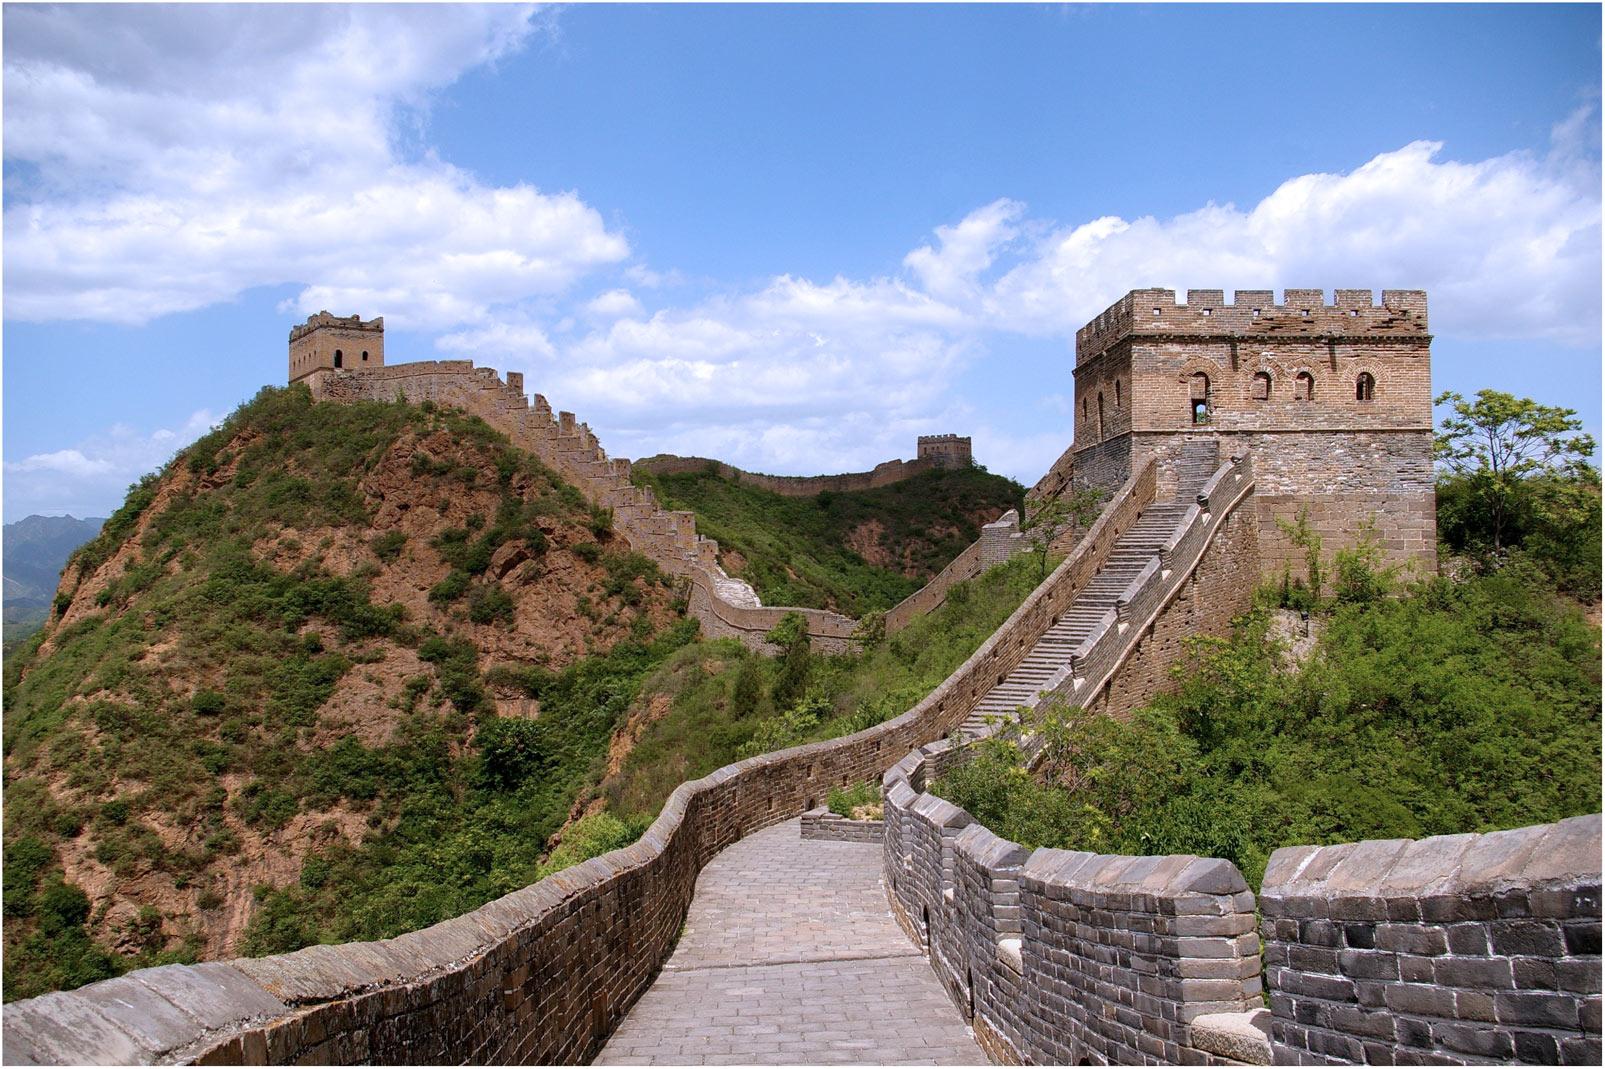 Каждая башня Великой Китайской стены должна была видеть другую башню.